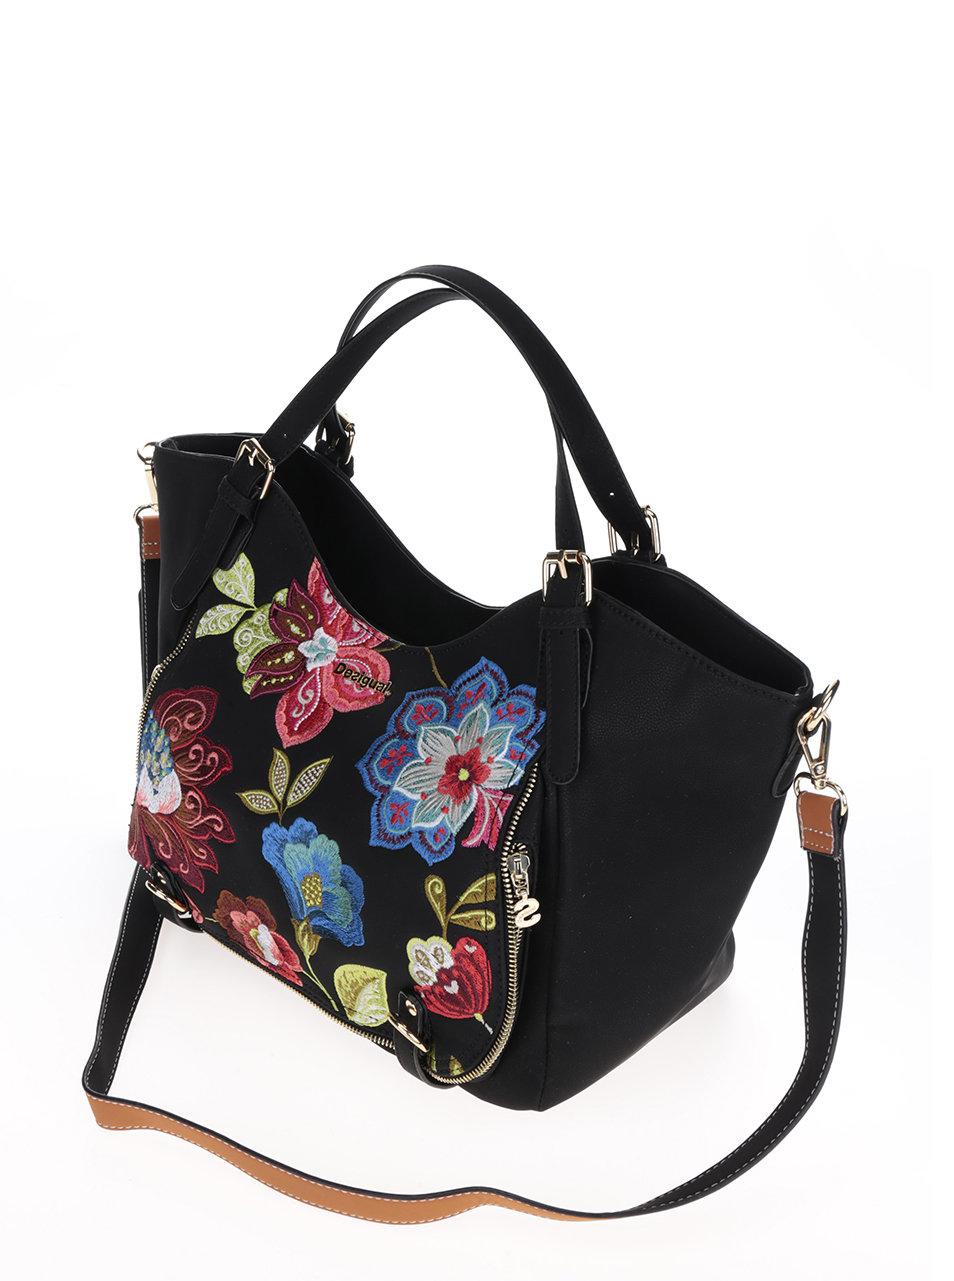 Černá kabelka s výšivkami květin Desigual Rotterdam Caribou ... b23179c5505